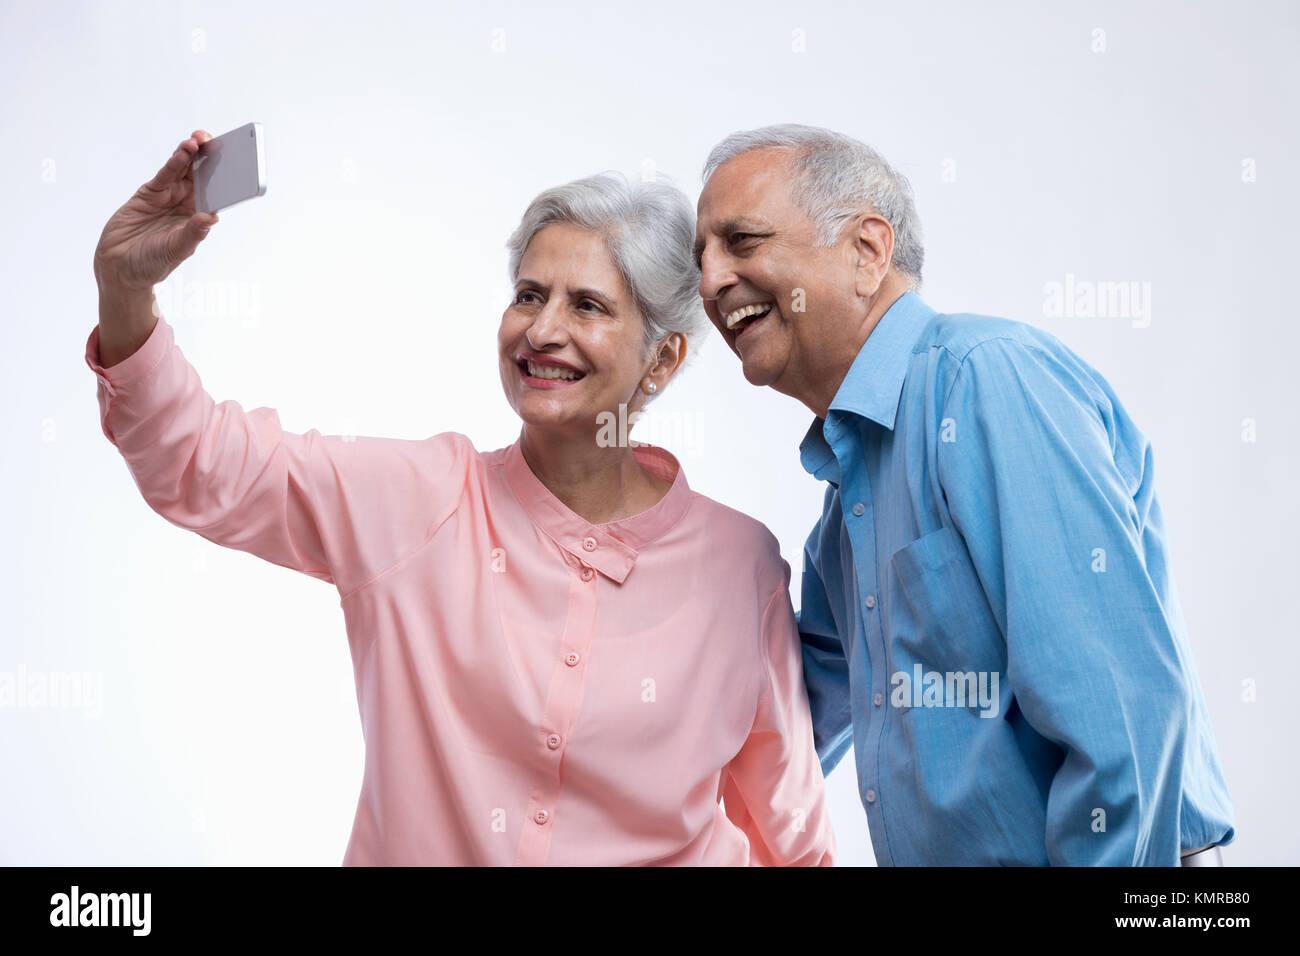 Happy senior couple using mobile phone selfies Photo Stock